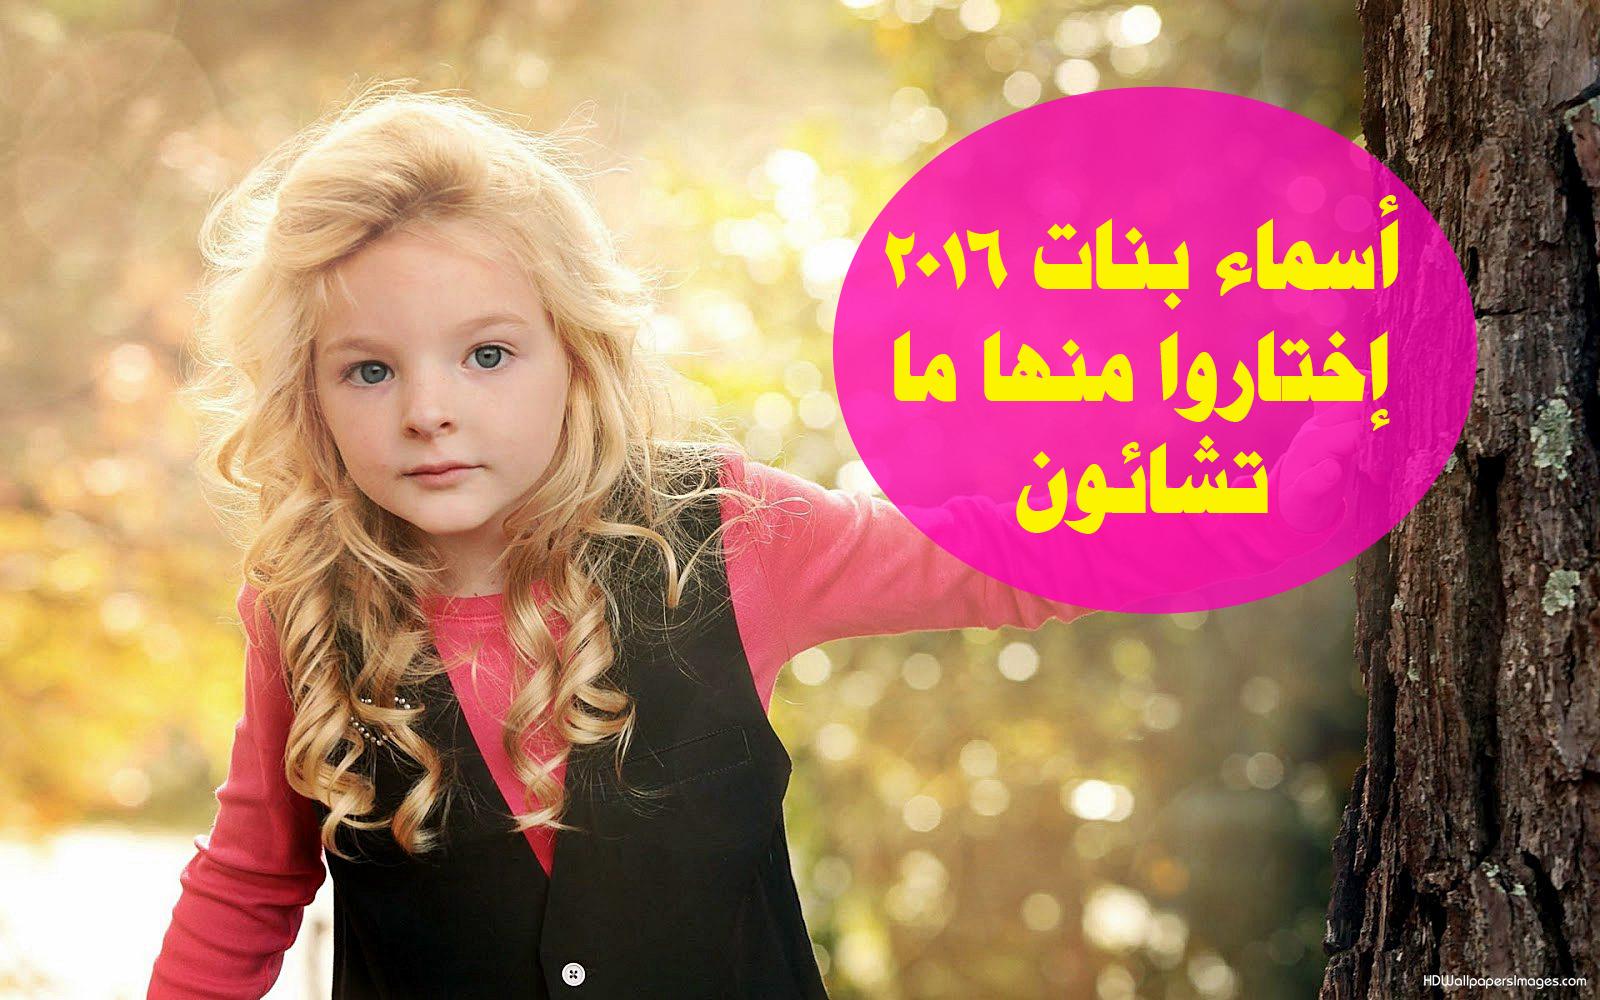 صوره اسماء بنات حلوة 2017 اجمل اسماء البنات ومعانيها